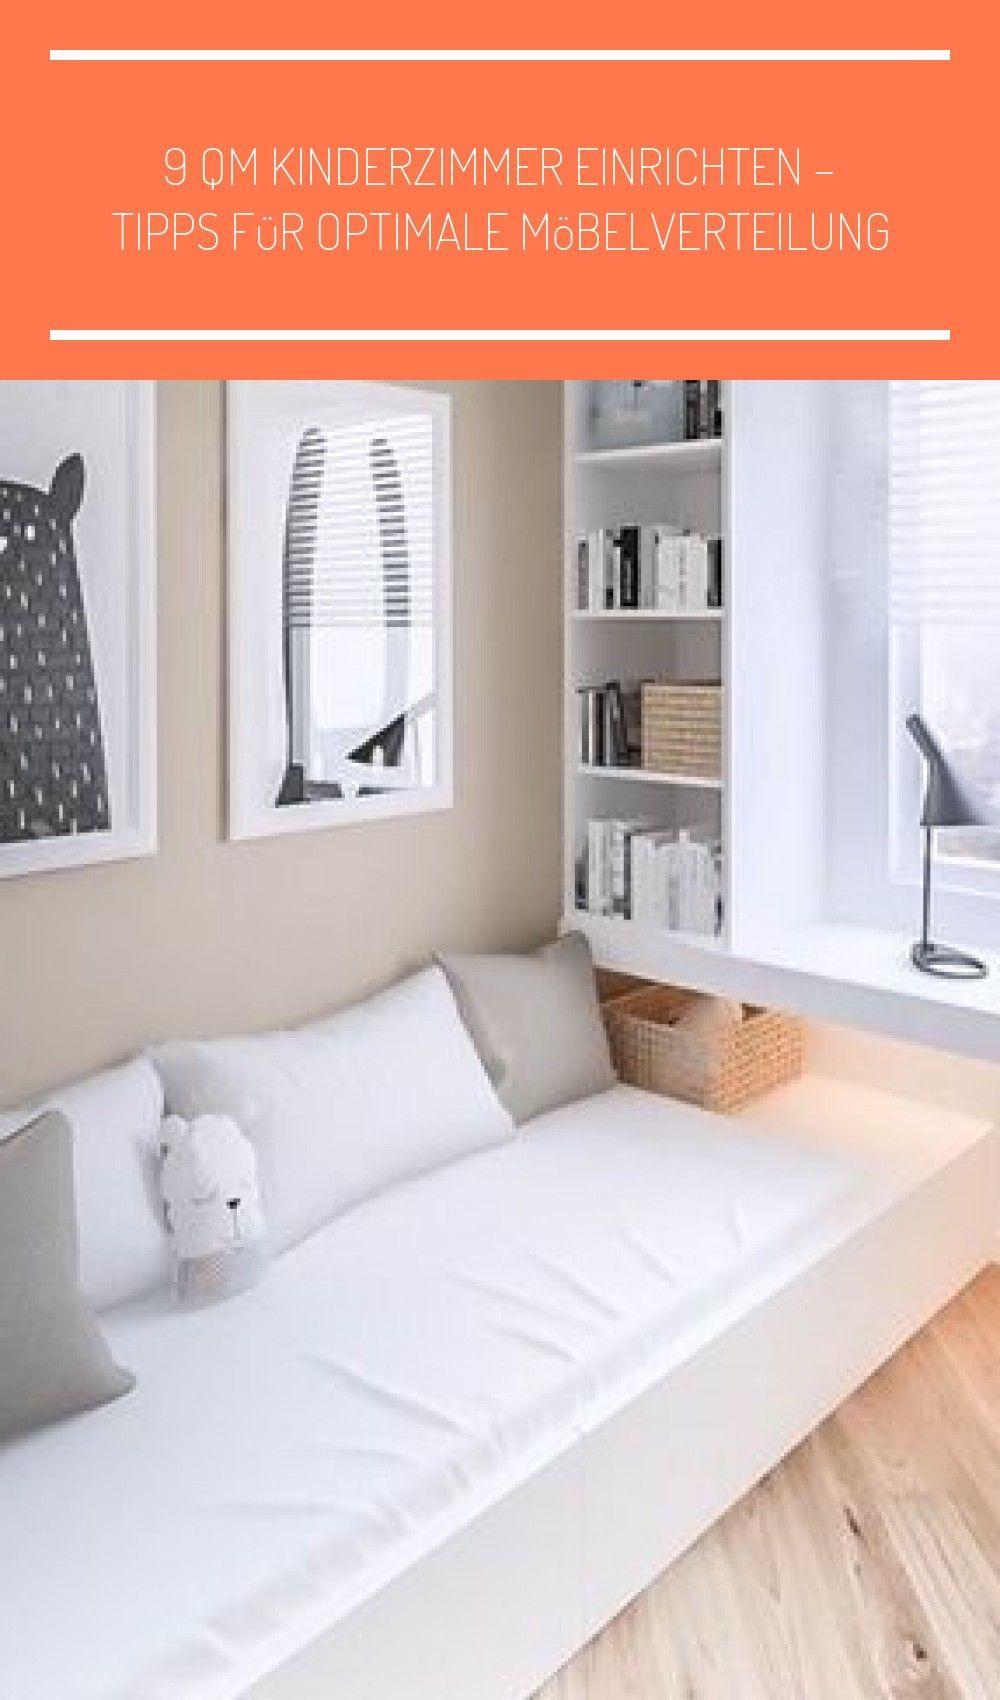 Kinderzimmer Klein 9 Qm Beige Weiss Kleiderschrank Wandbilder Arbeitszimmer Ein In 2020 Kinder Zimmer Kinderzimmer Zimmer